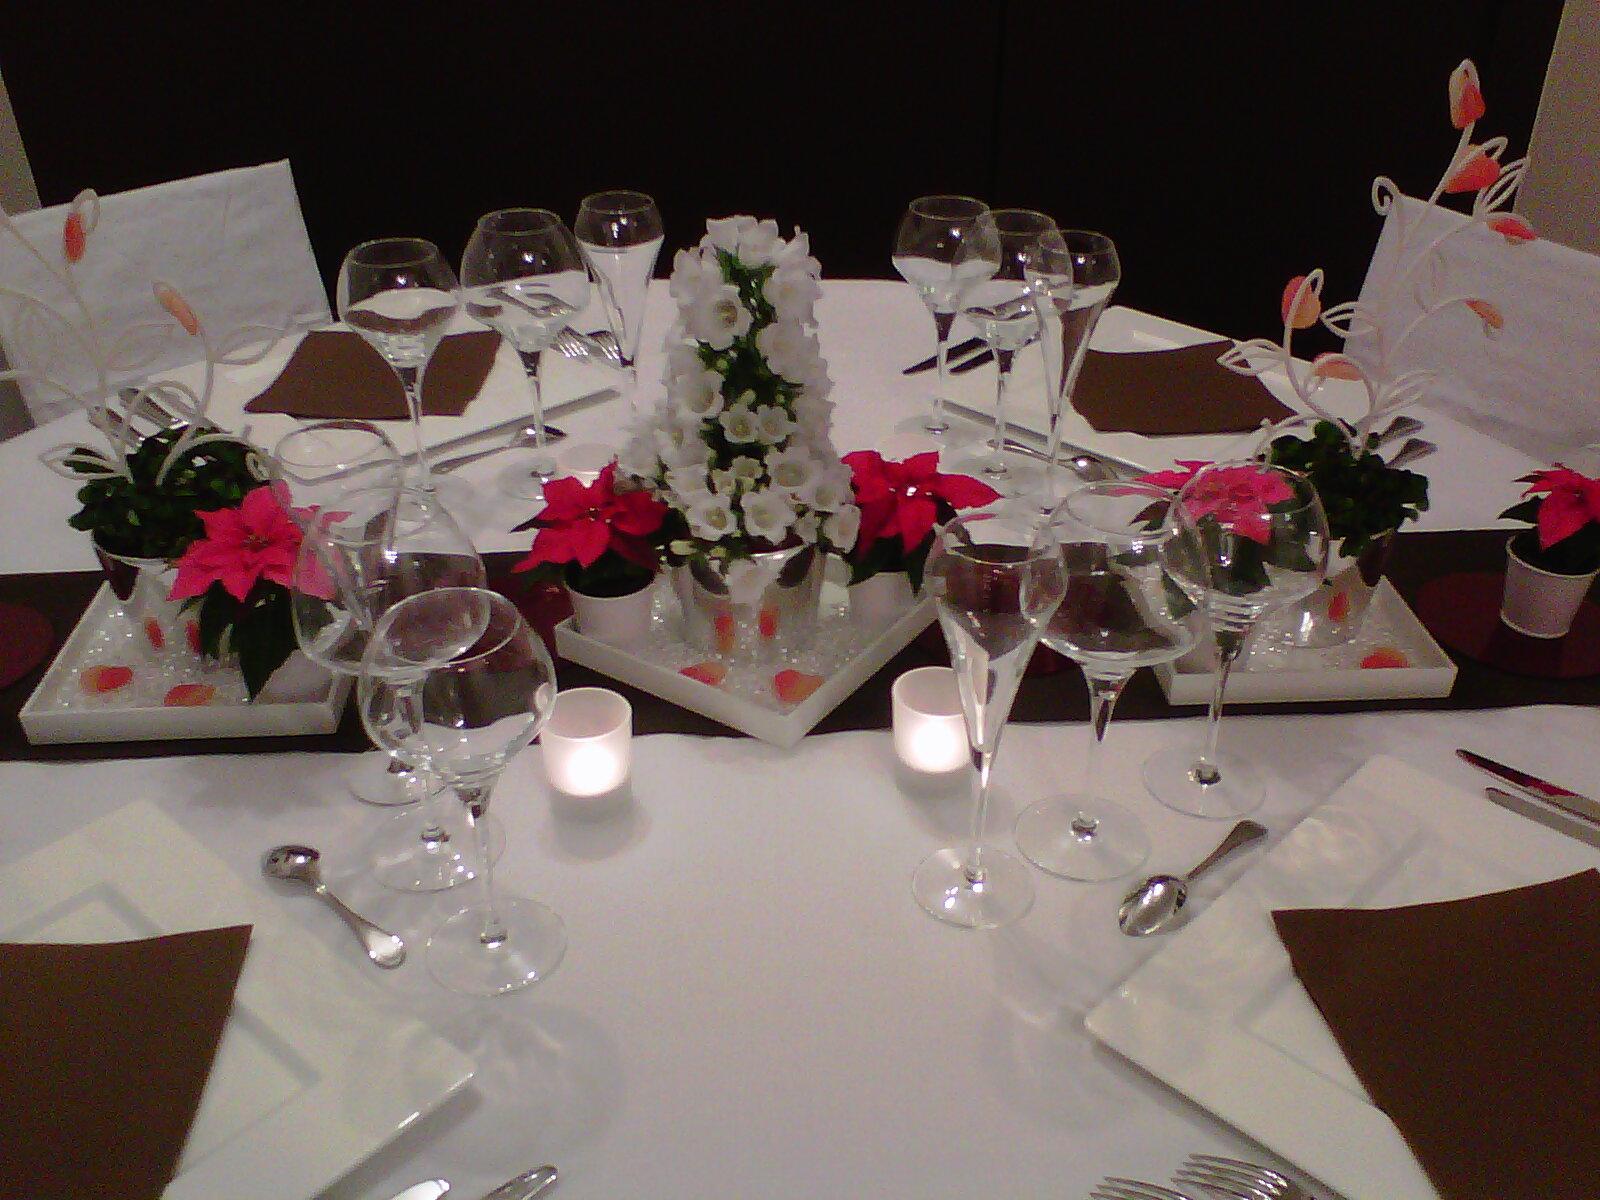 Décoration de table d'hiver. Poinsettias roses et campanules.